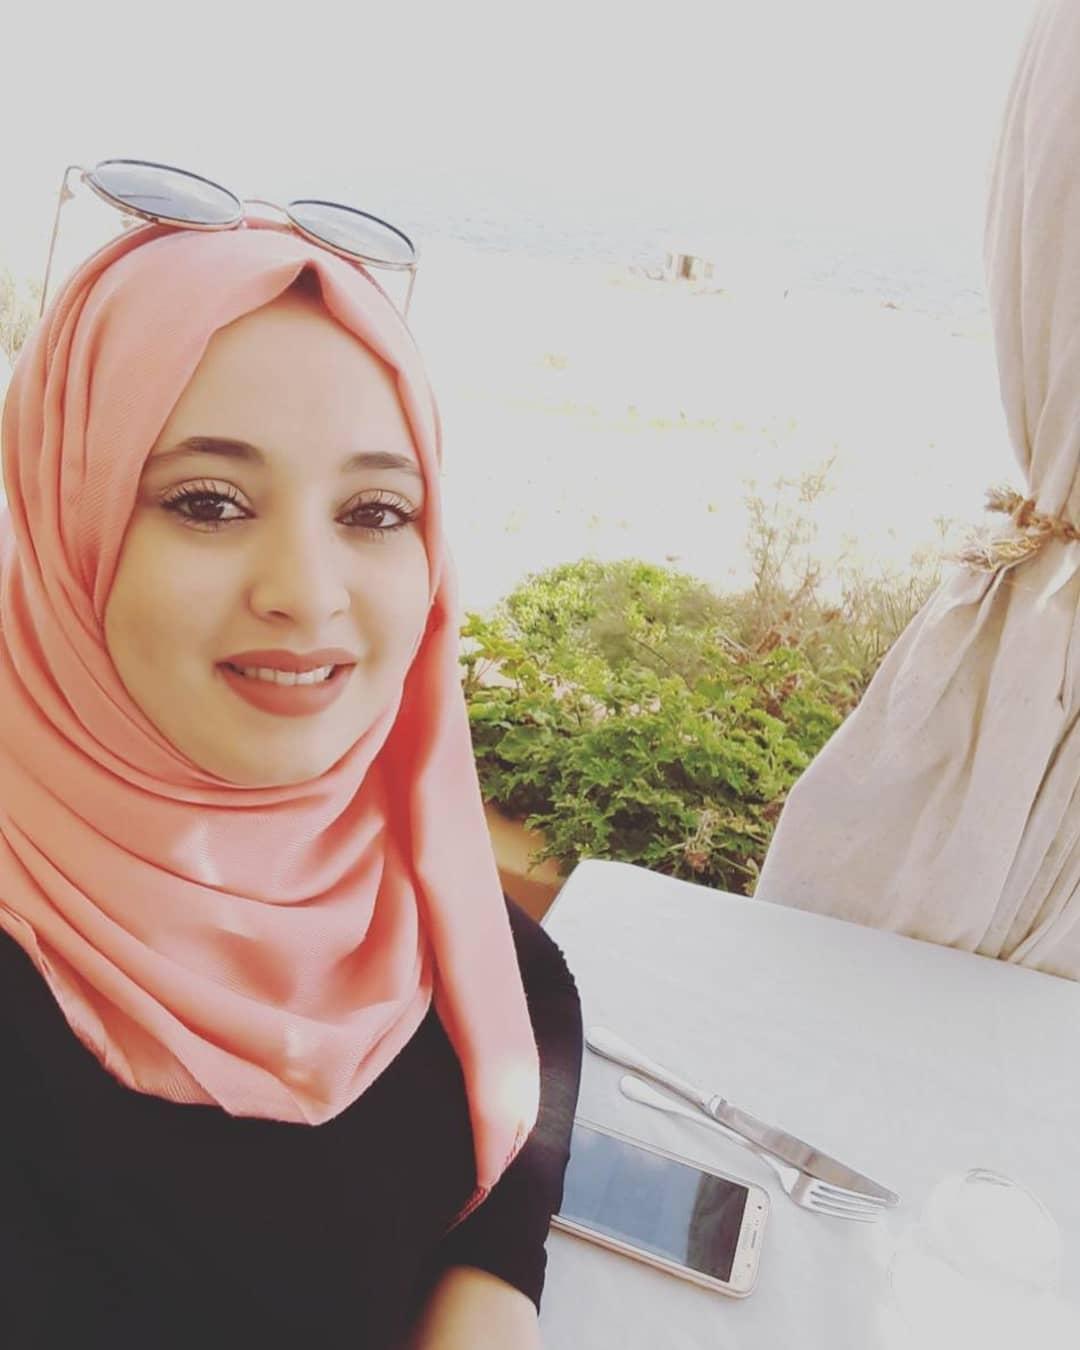 بالصور اجمل محجبات , جمال البنات المحجبه فى صور لها 5128 10